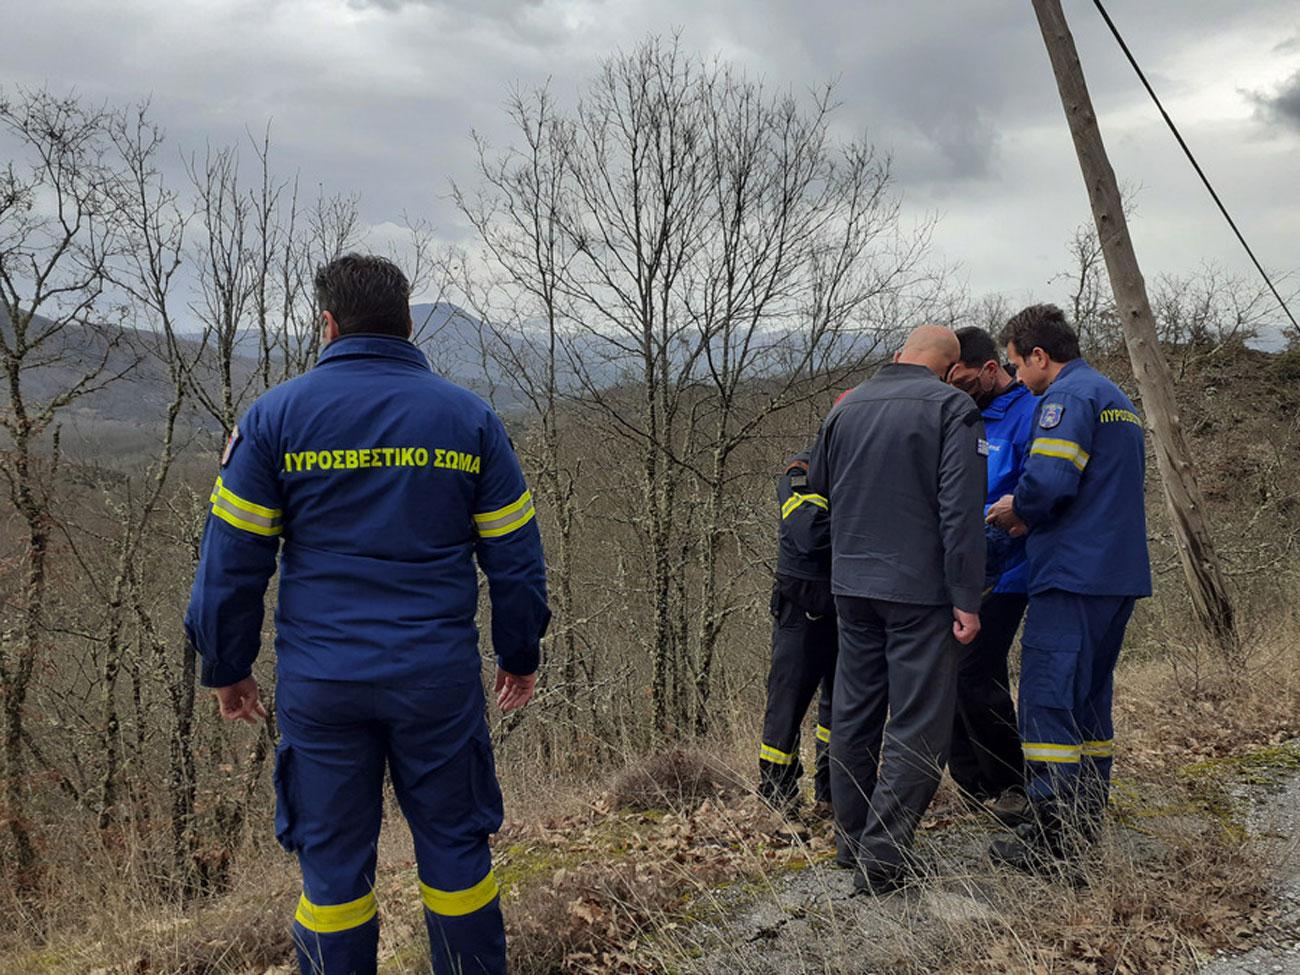 Ιωάννινα: Βρέθηκαν τα συντρίμμια του εκπαιδευτικού αεροπλάνου